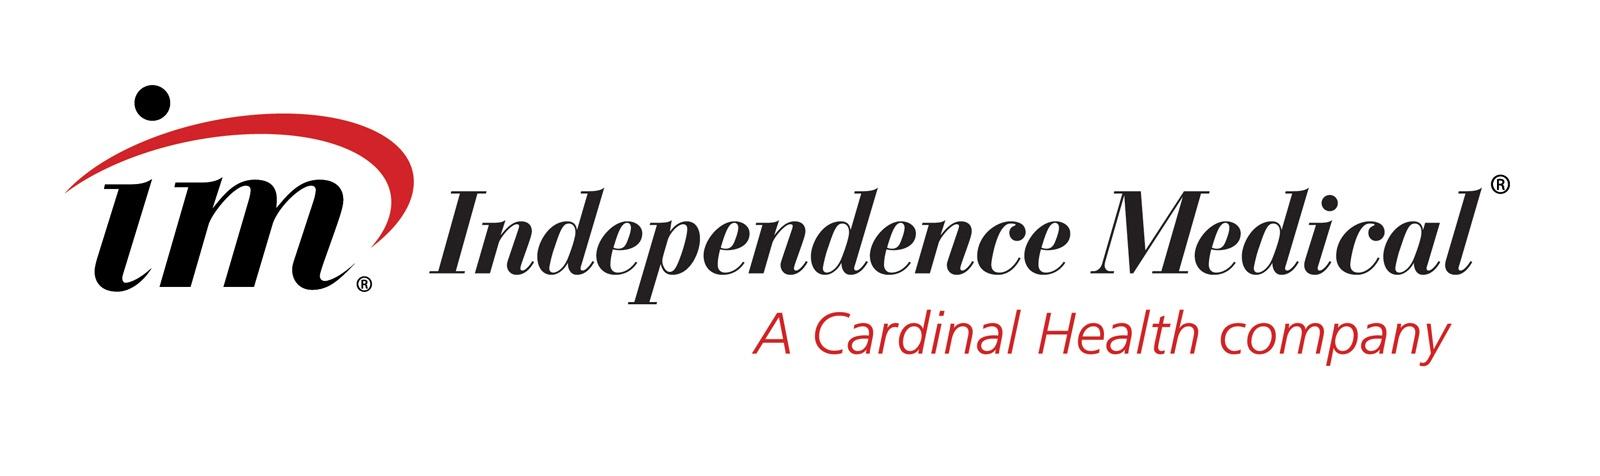 Independence_Medical_Cardinal_Health_TIMS_Software_Partner_Drop_Ship_Logo_2018